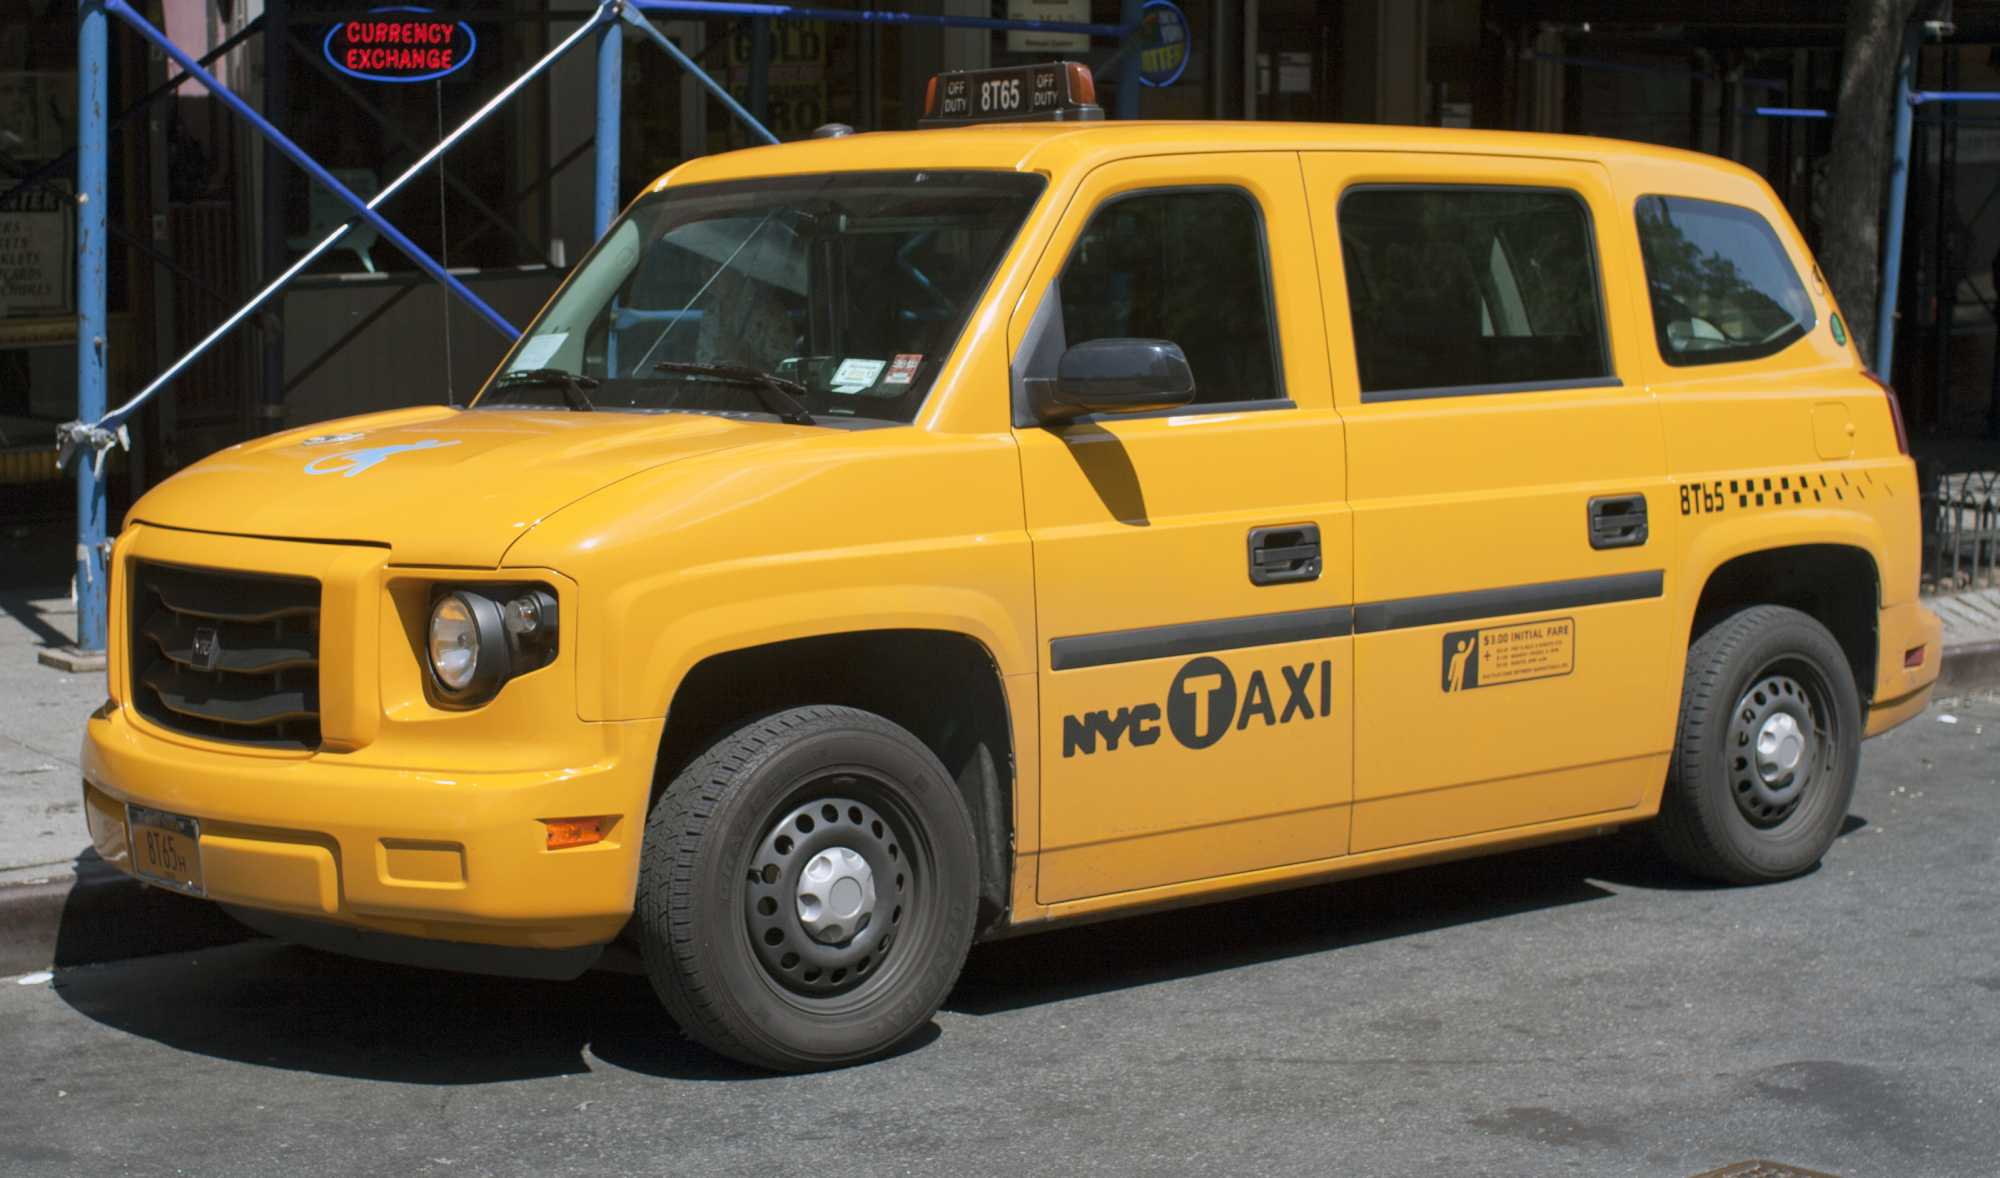 Gelbes, rollstuhlkompatibles Taxi aus New York City